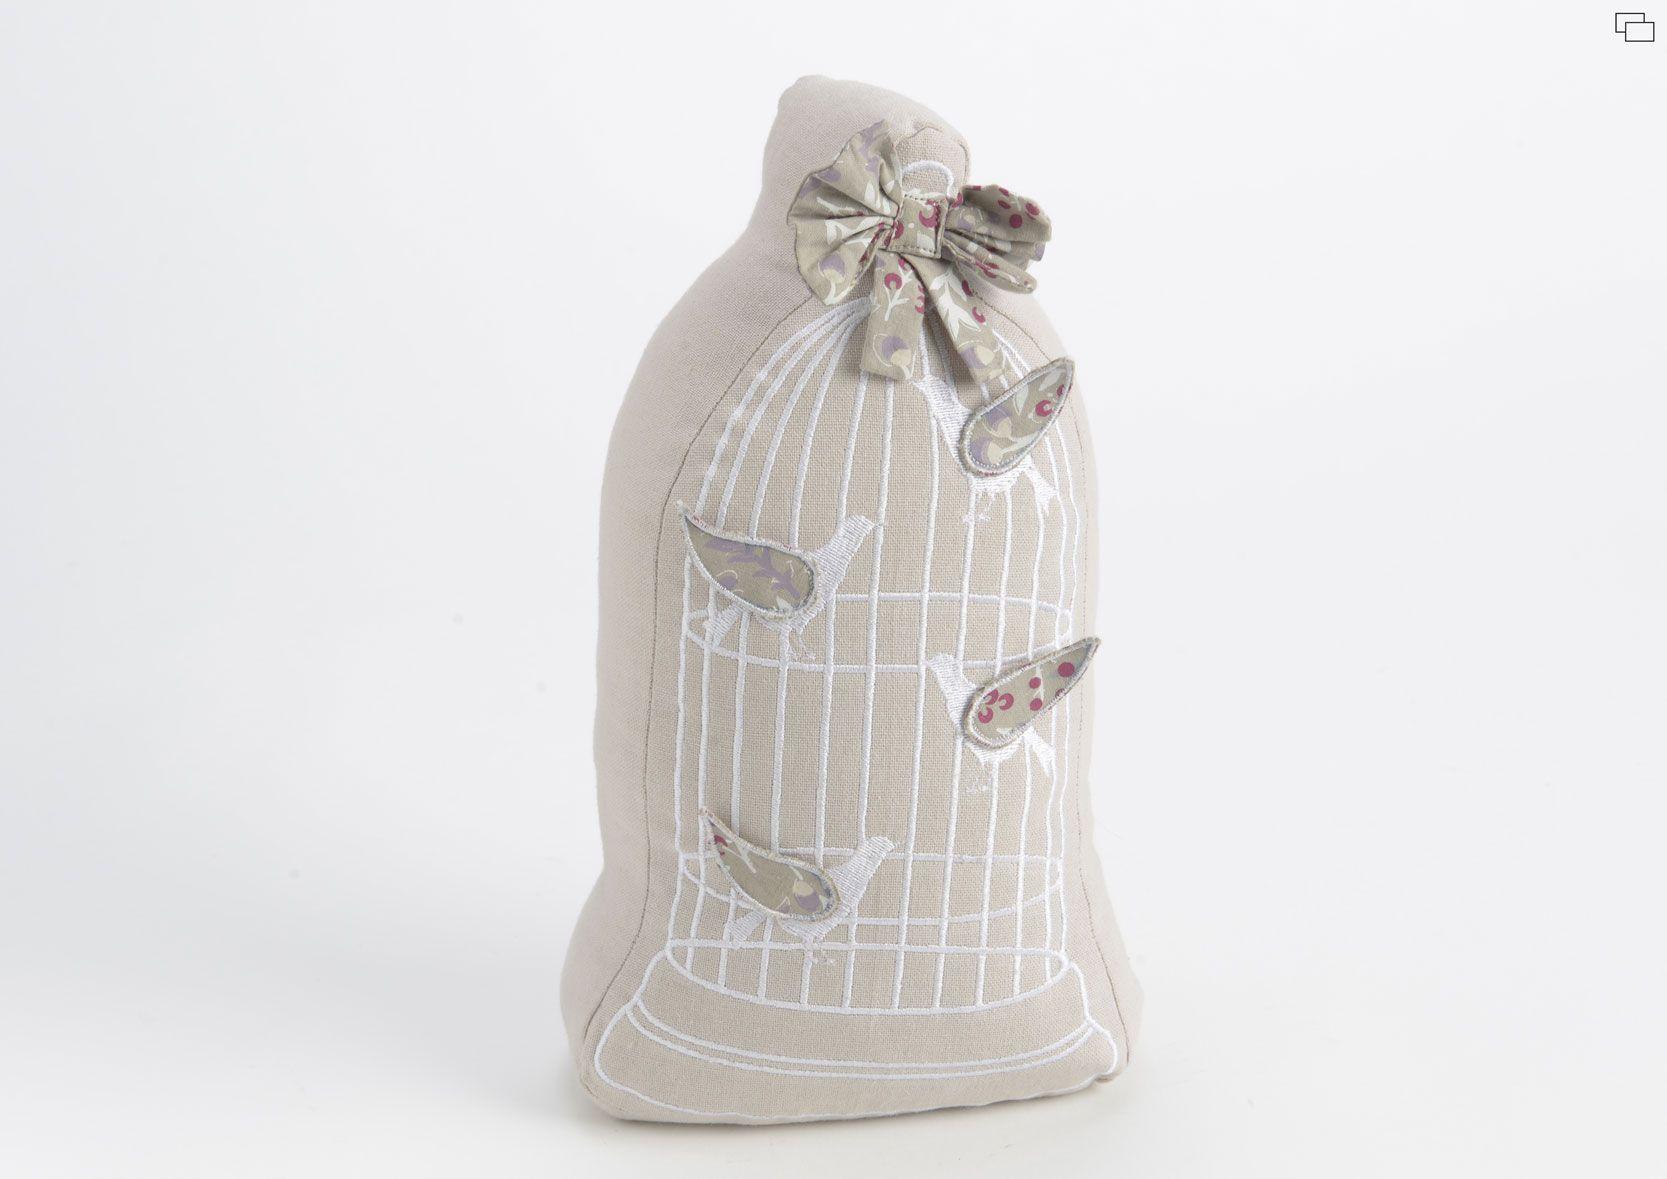 Sujeta puertas con dibujo de jaula y p jaros detalles for Muebles romanticos blancos